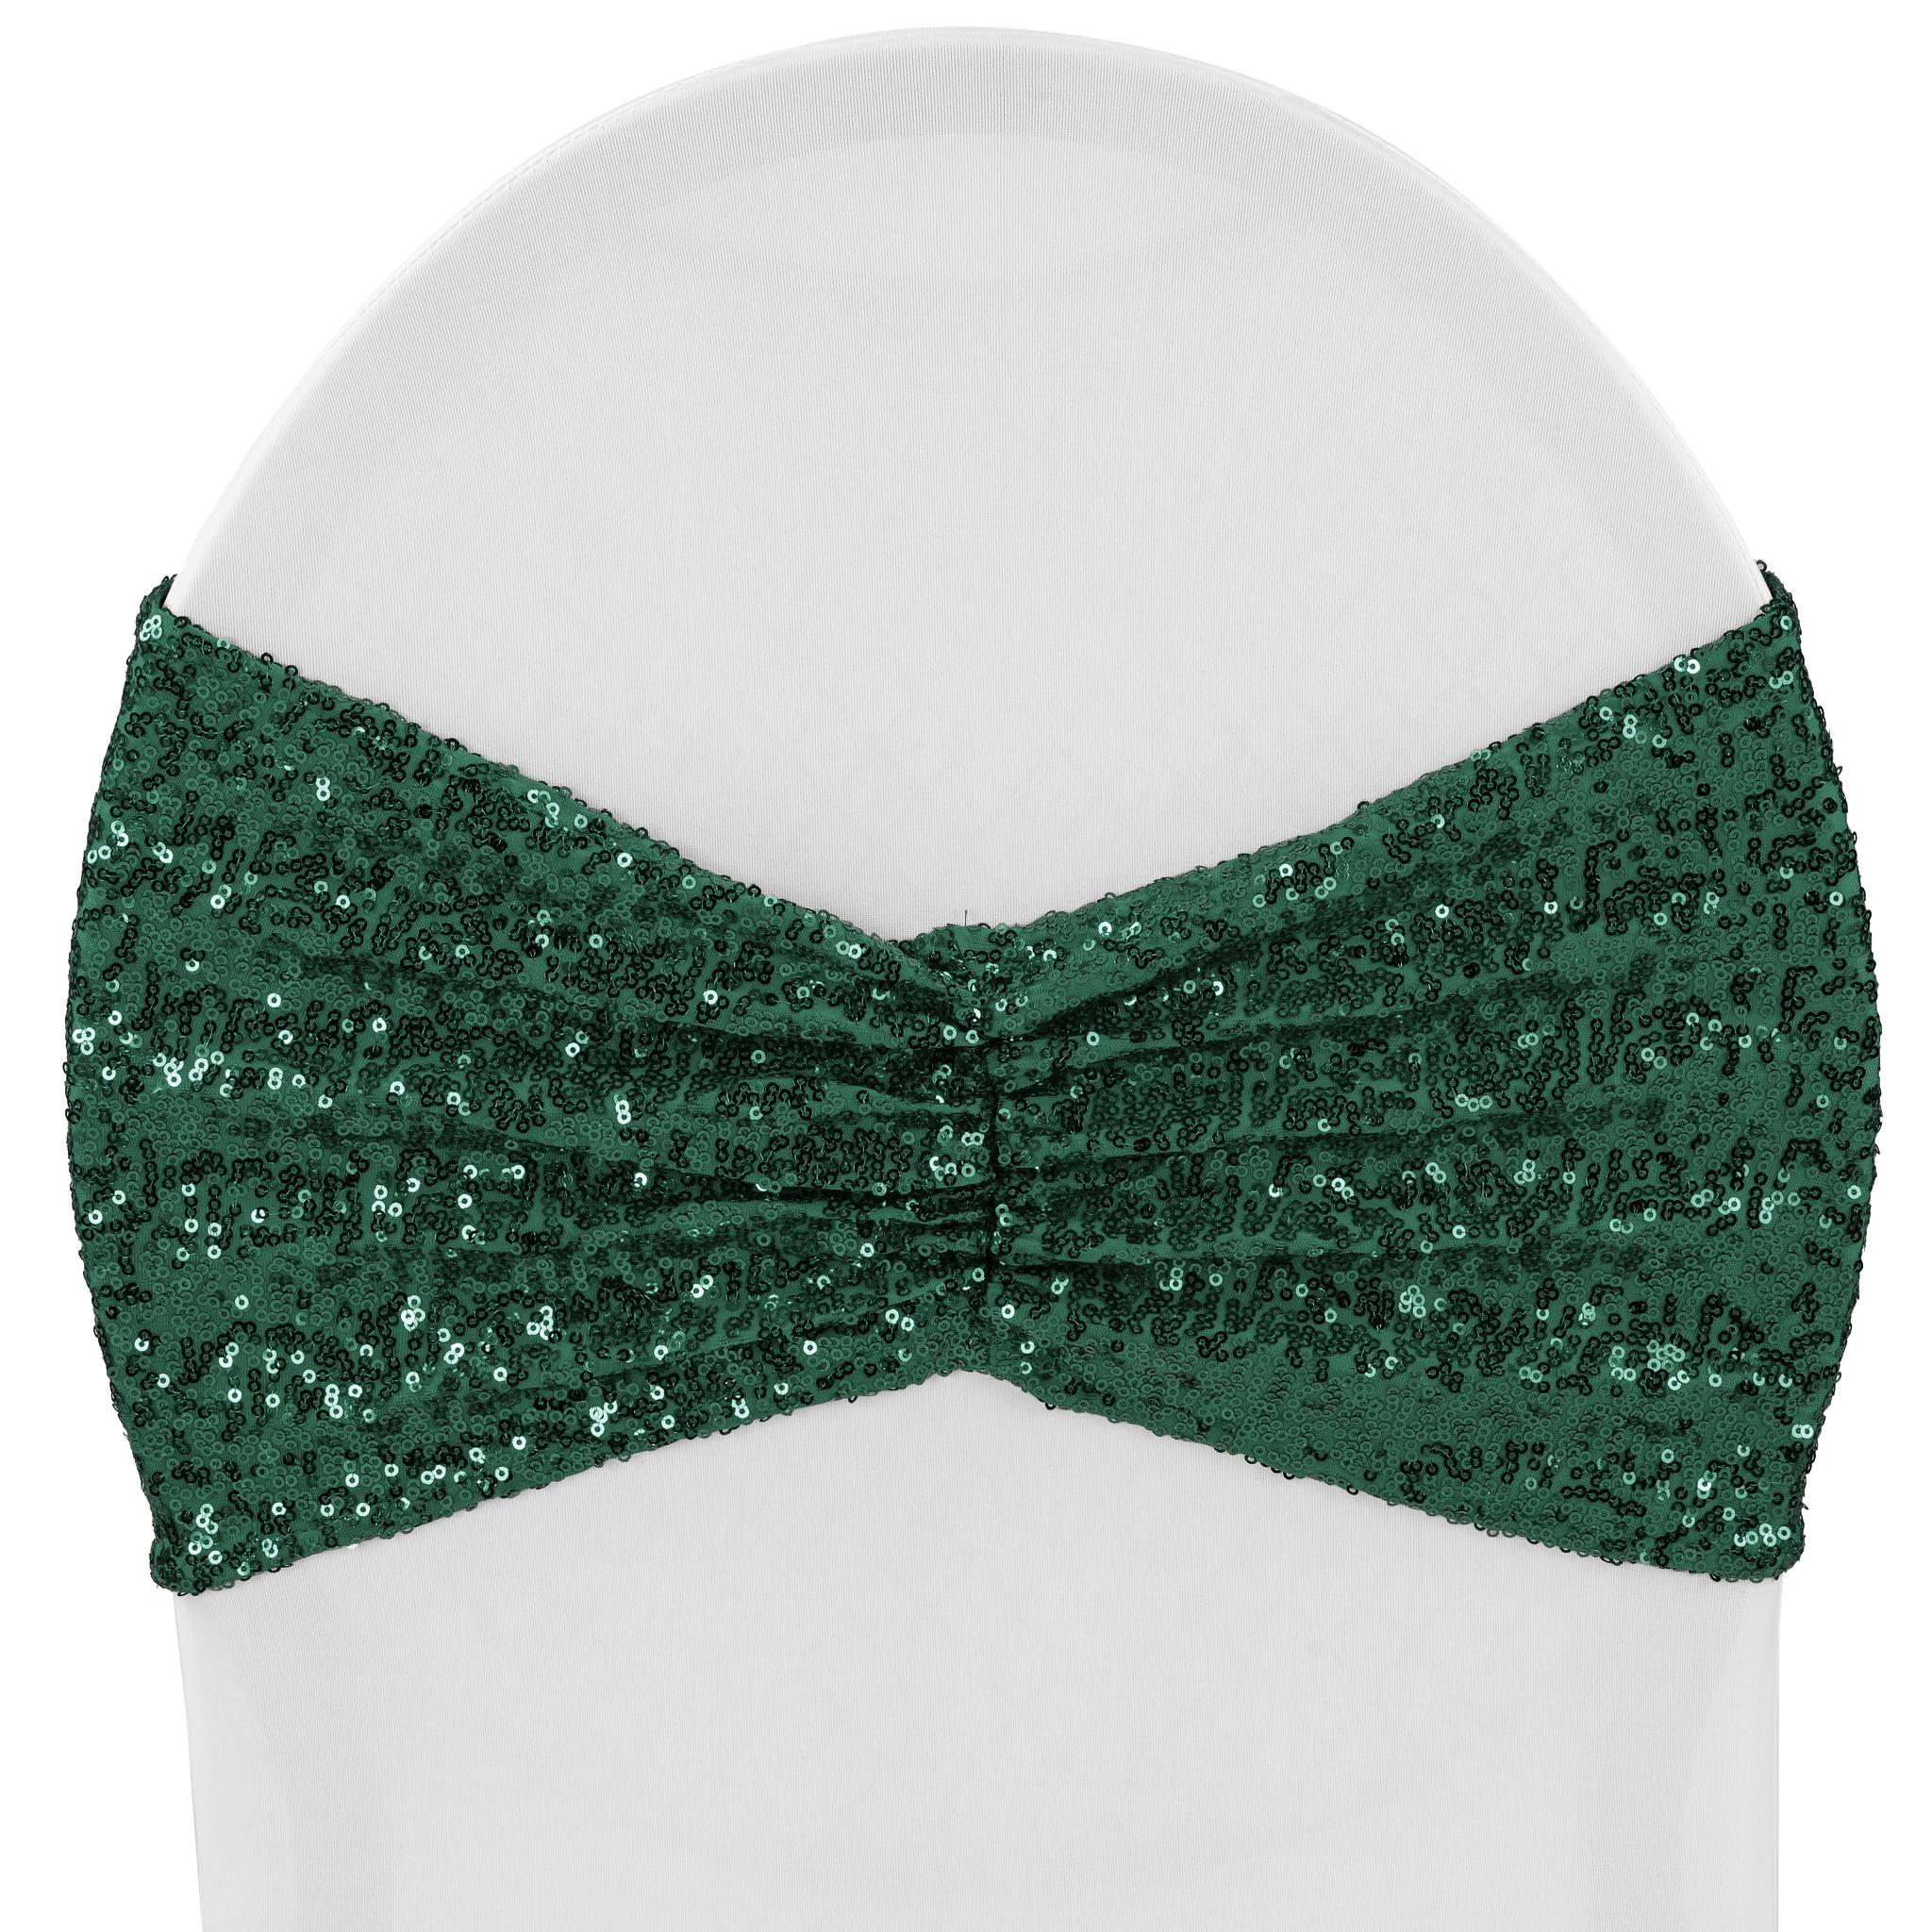 Glitz Ruffle Sequin Spandex Chair Band Sash Emerald Green